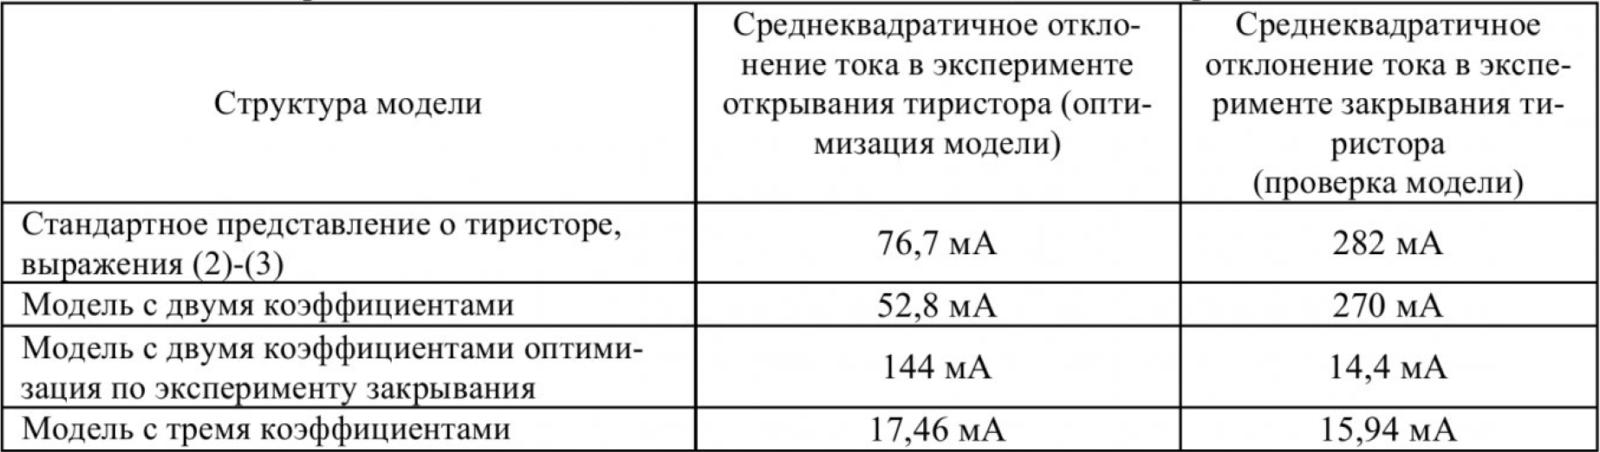 Таблица 1 - Сравнительная таблица оценки отклонения модели и эксперимента